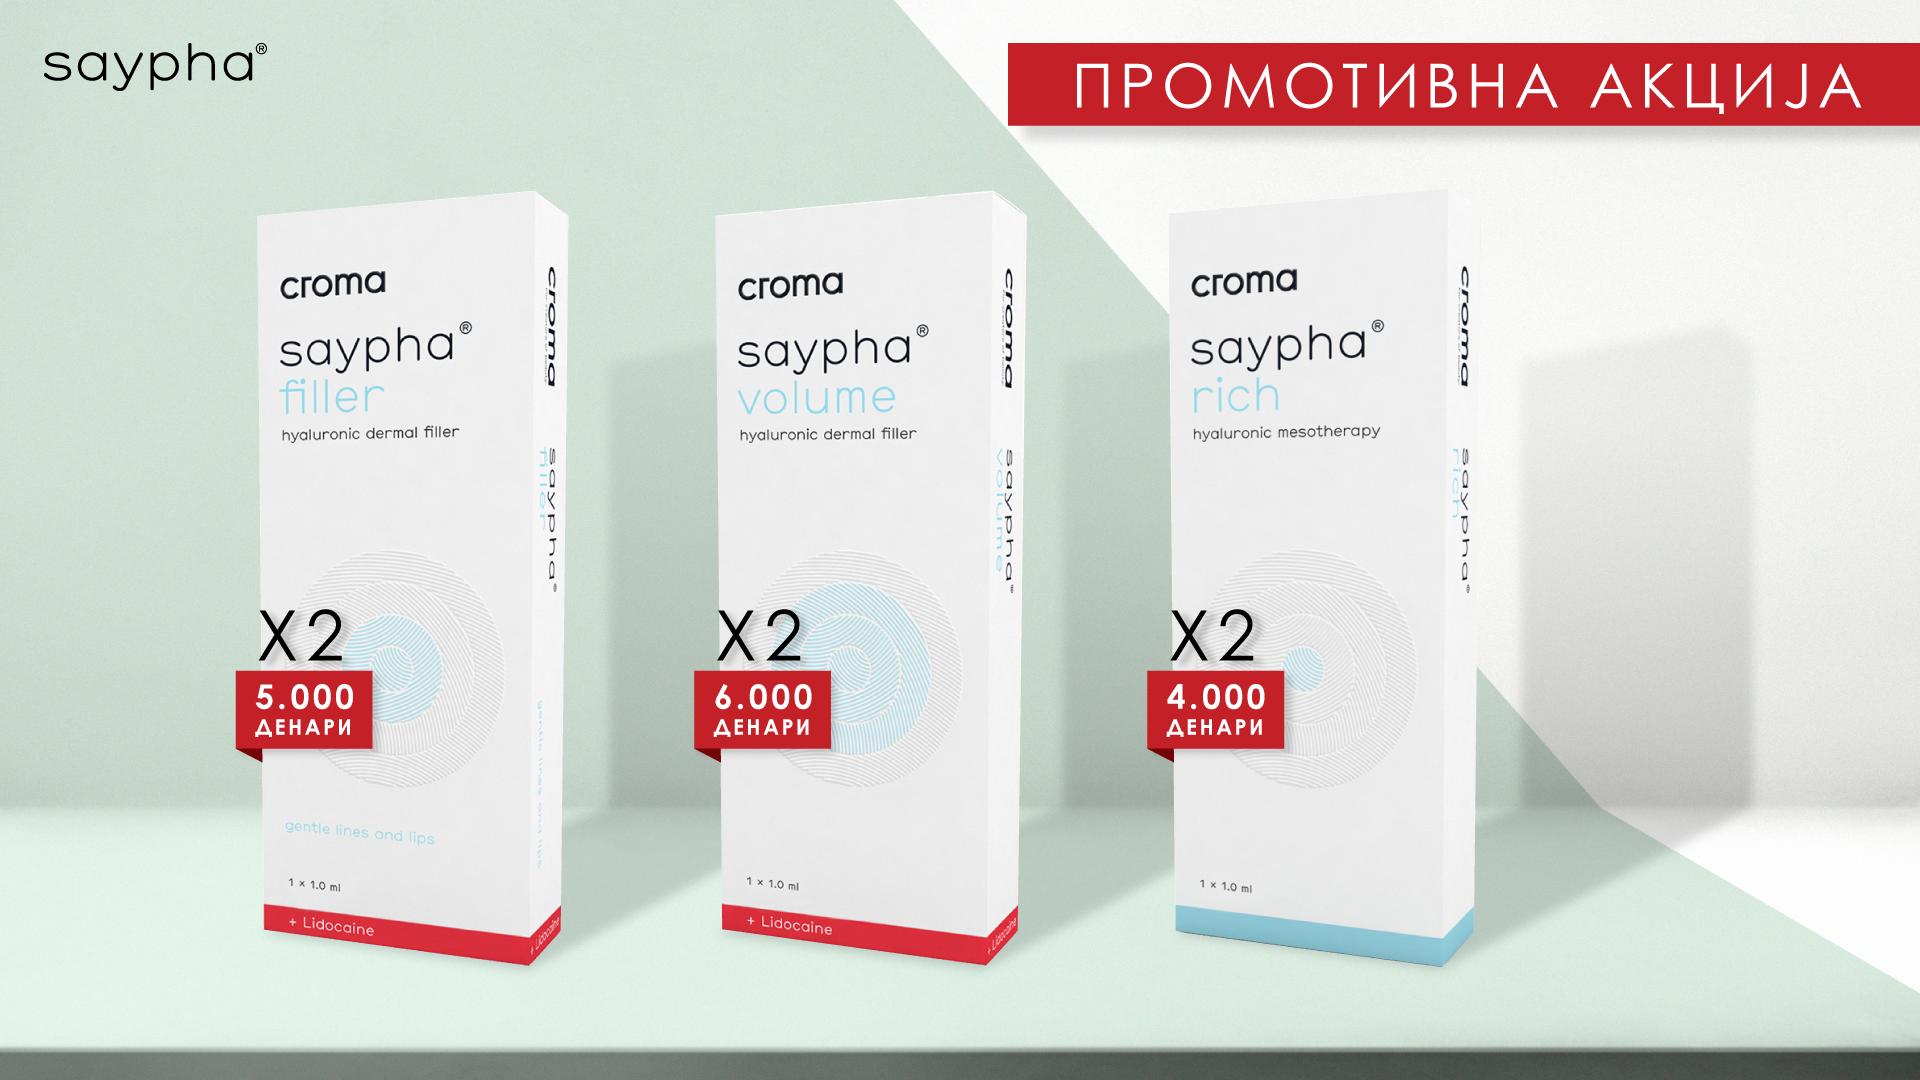 Saypha – иновативни филери со докажана формула